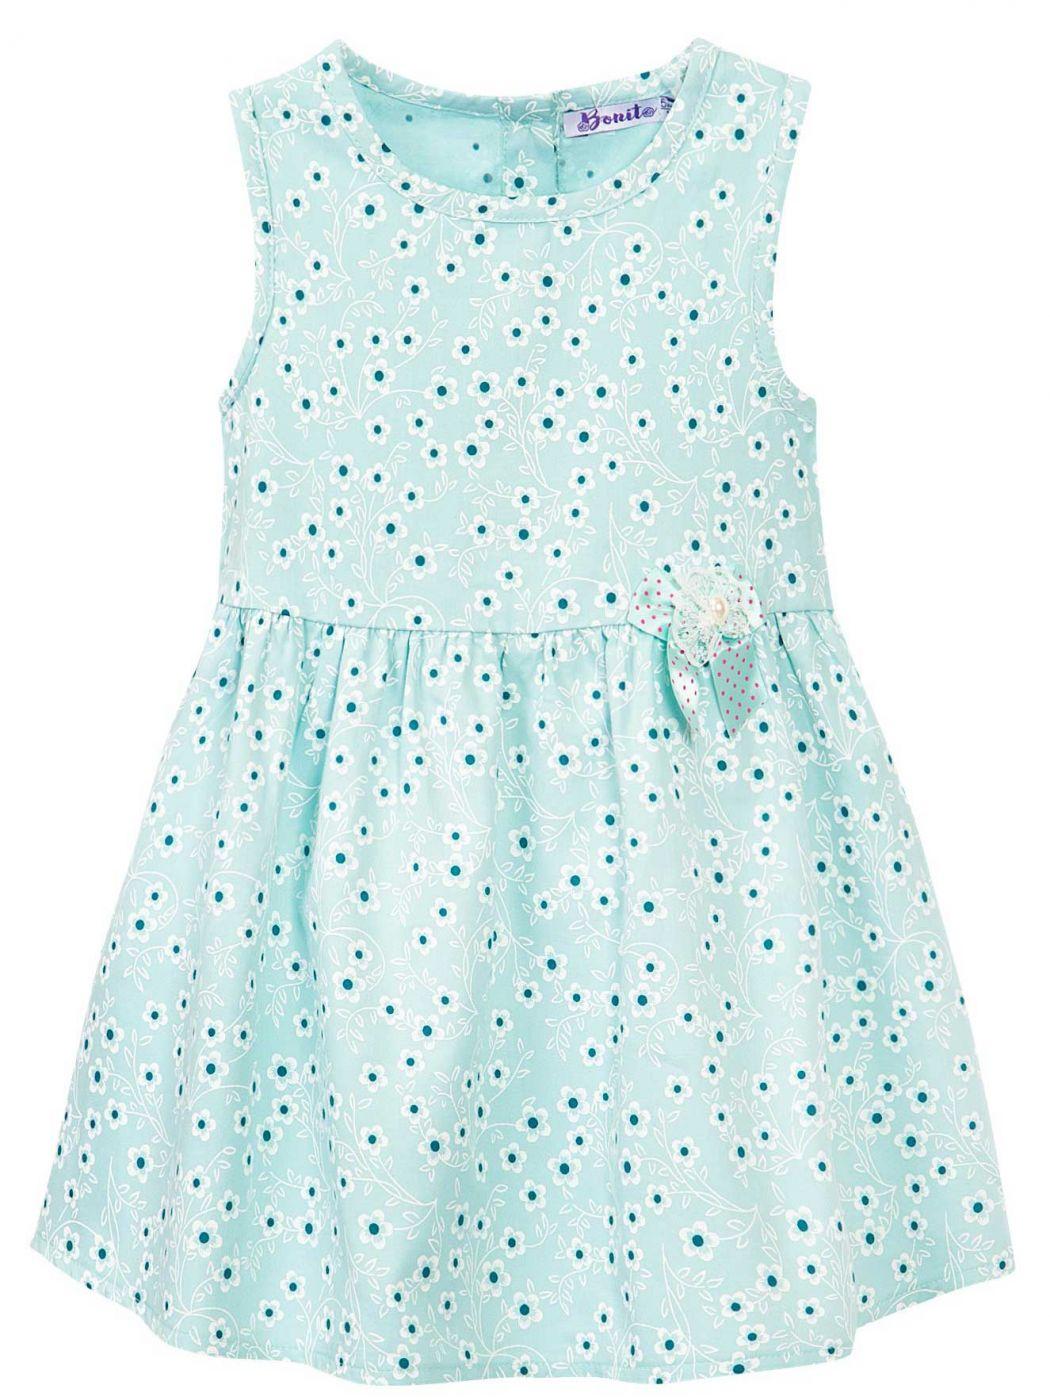 Сатиновое платье на девочки Bonito ментоловое в цветочек